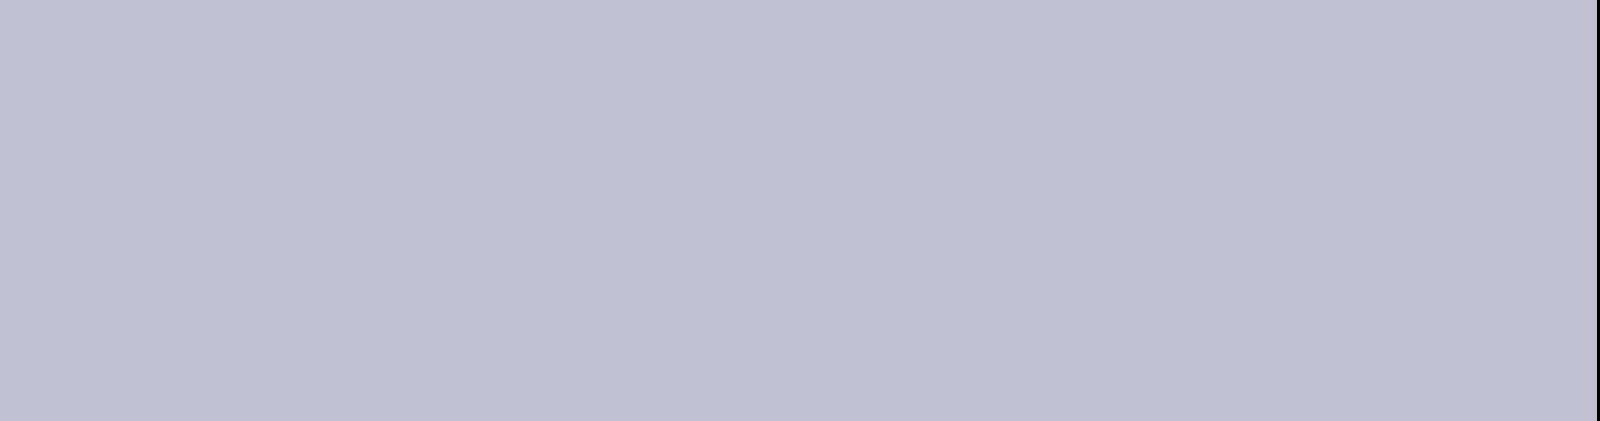 Logo Tec Mty